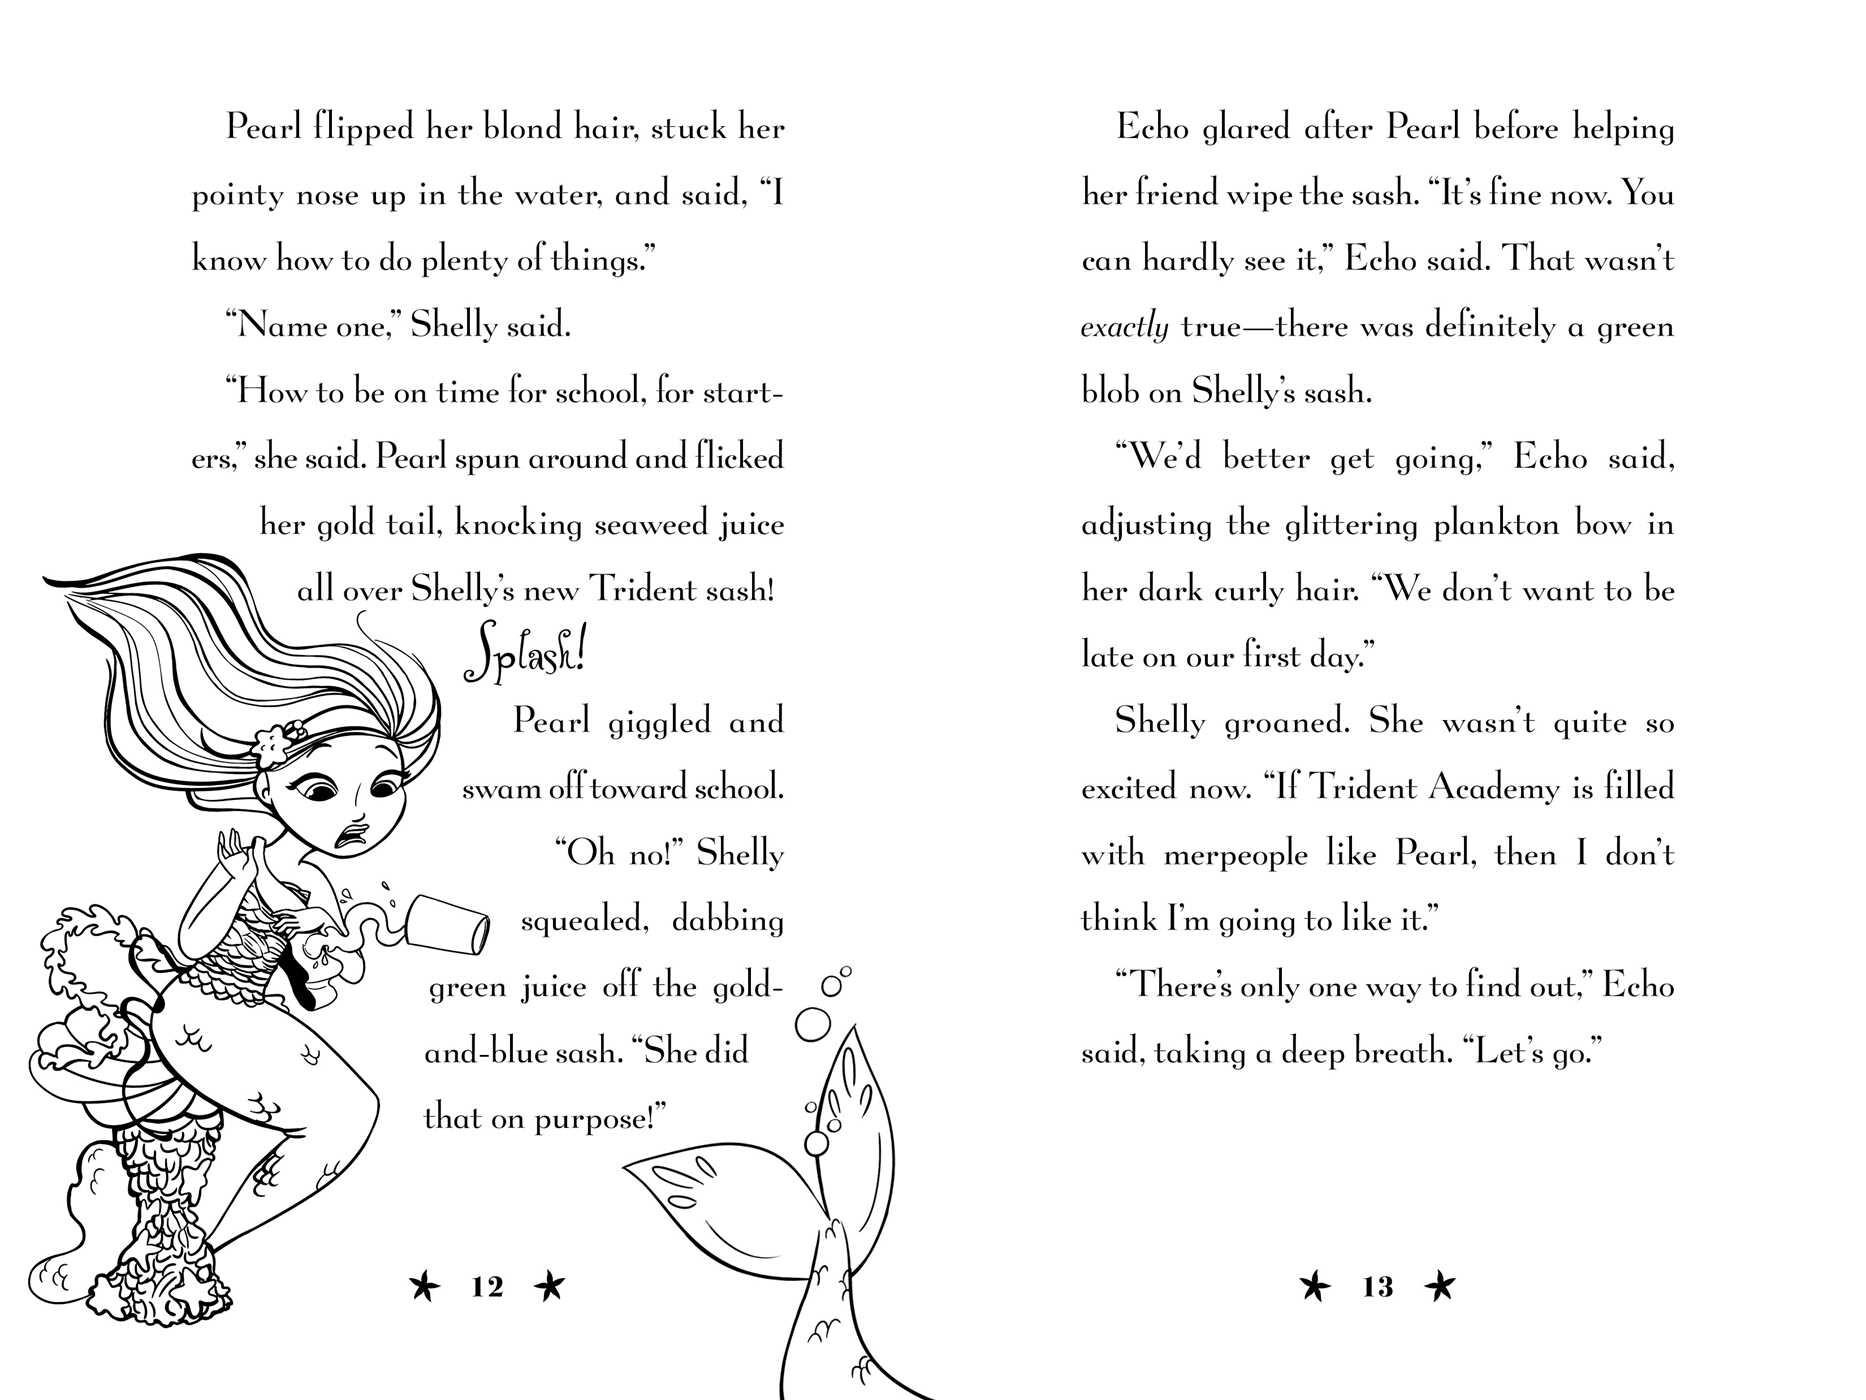 Mermaid tales 3 books in 1 9781481485555.in04